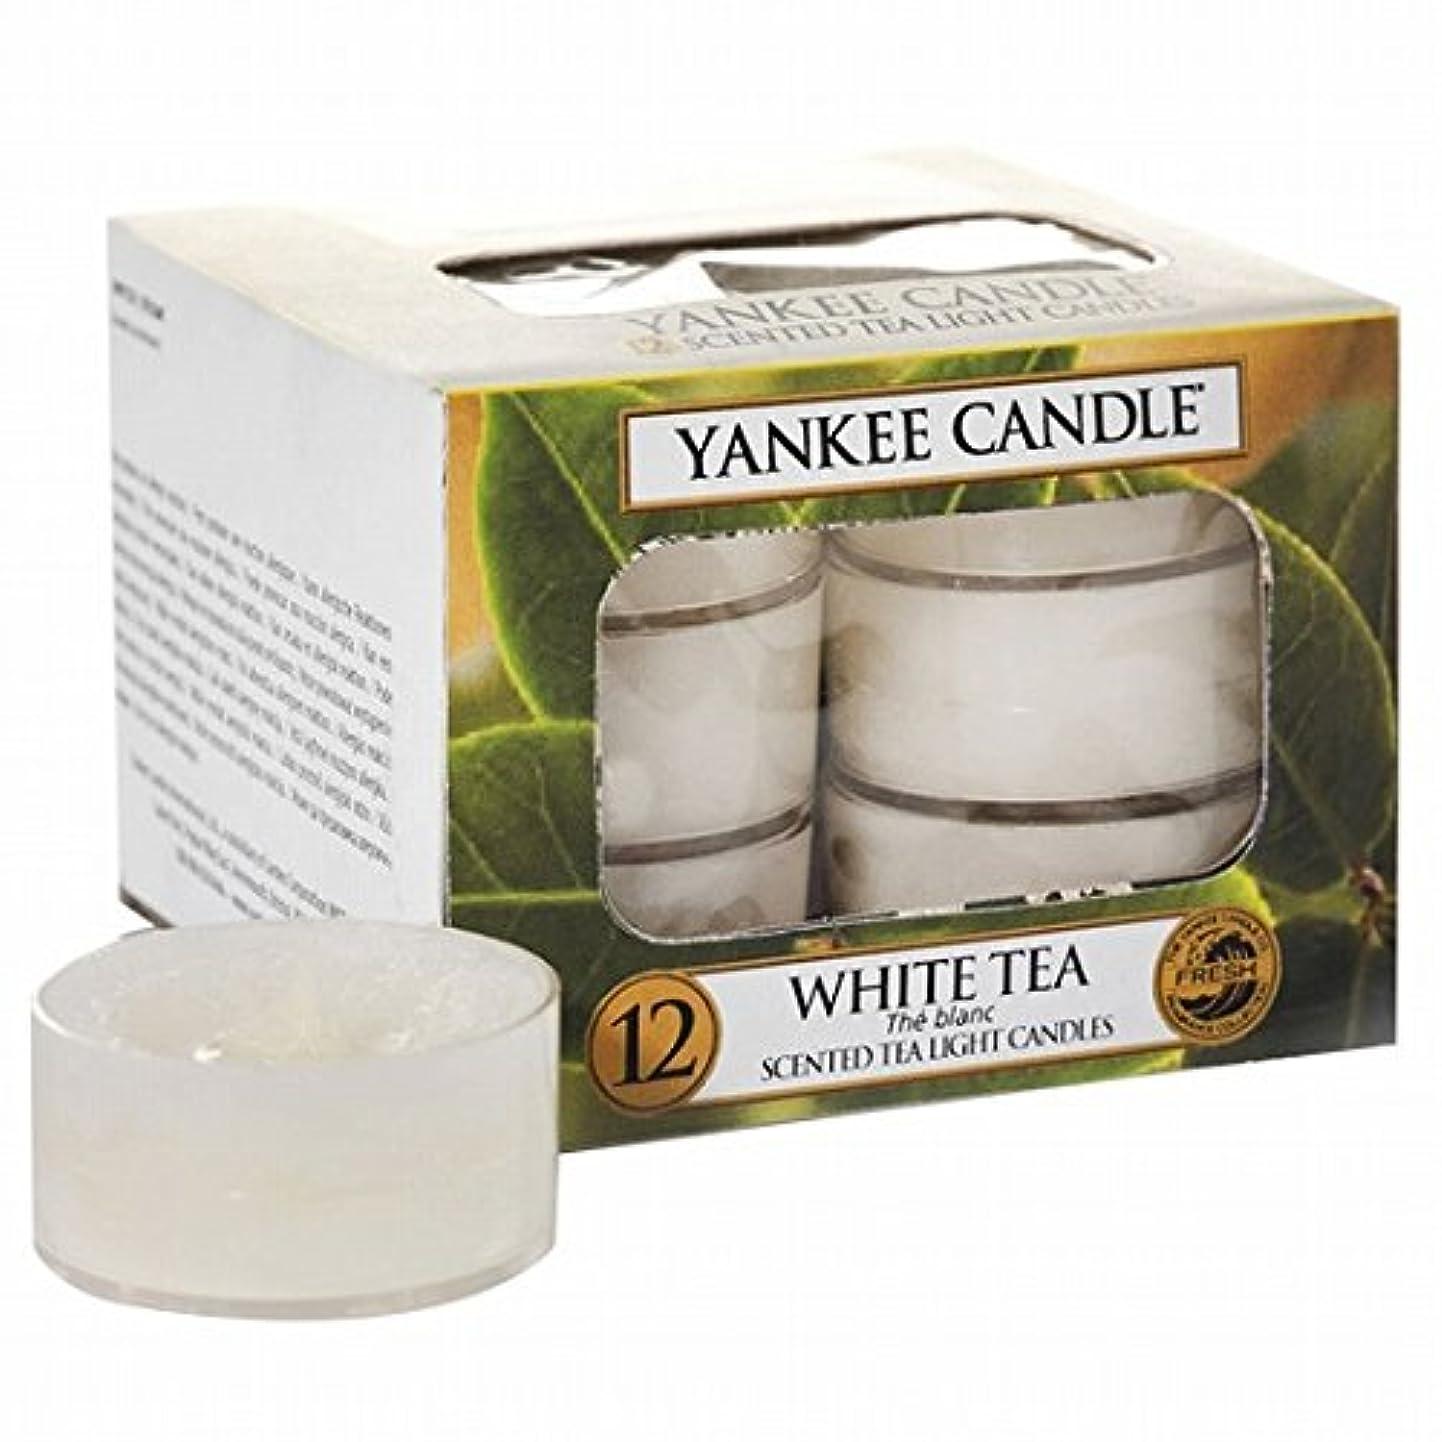 先に連鎖フォーラムヤンキーキャンドル(YANKEE CANDLE) YANKEE CANDLE クリアカップティーライト12個入り 「ホワイトティー」